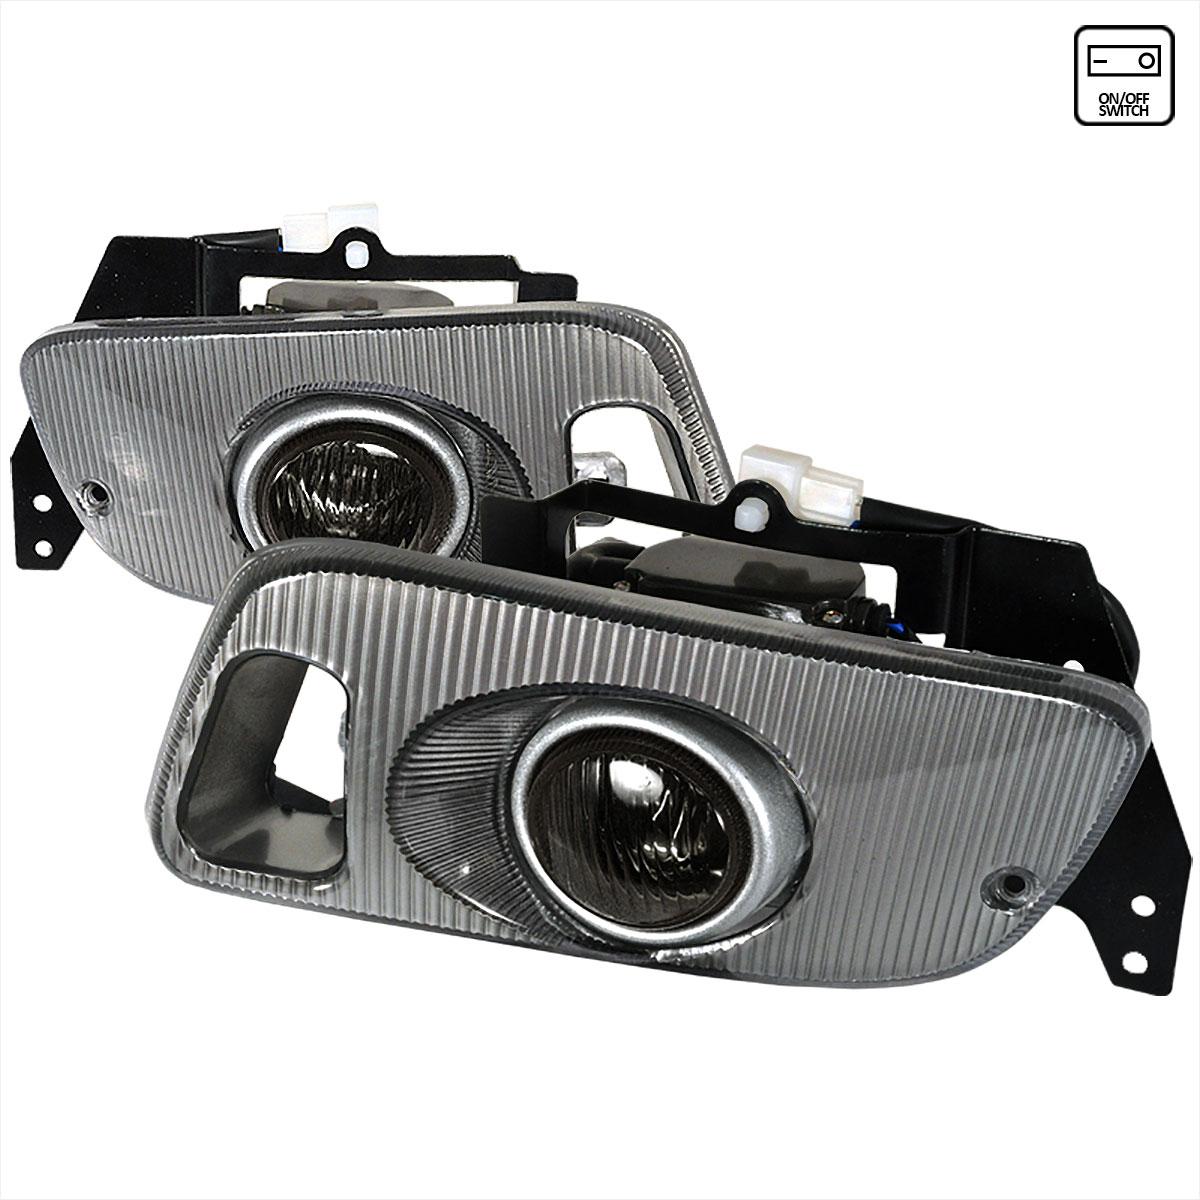 Spec-D Tuning LF-CV923GOEM - Spec-D 92-95 Honda Civic 2d Oem Fog Lights